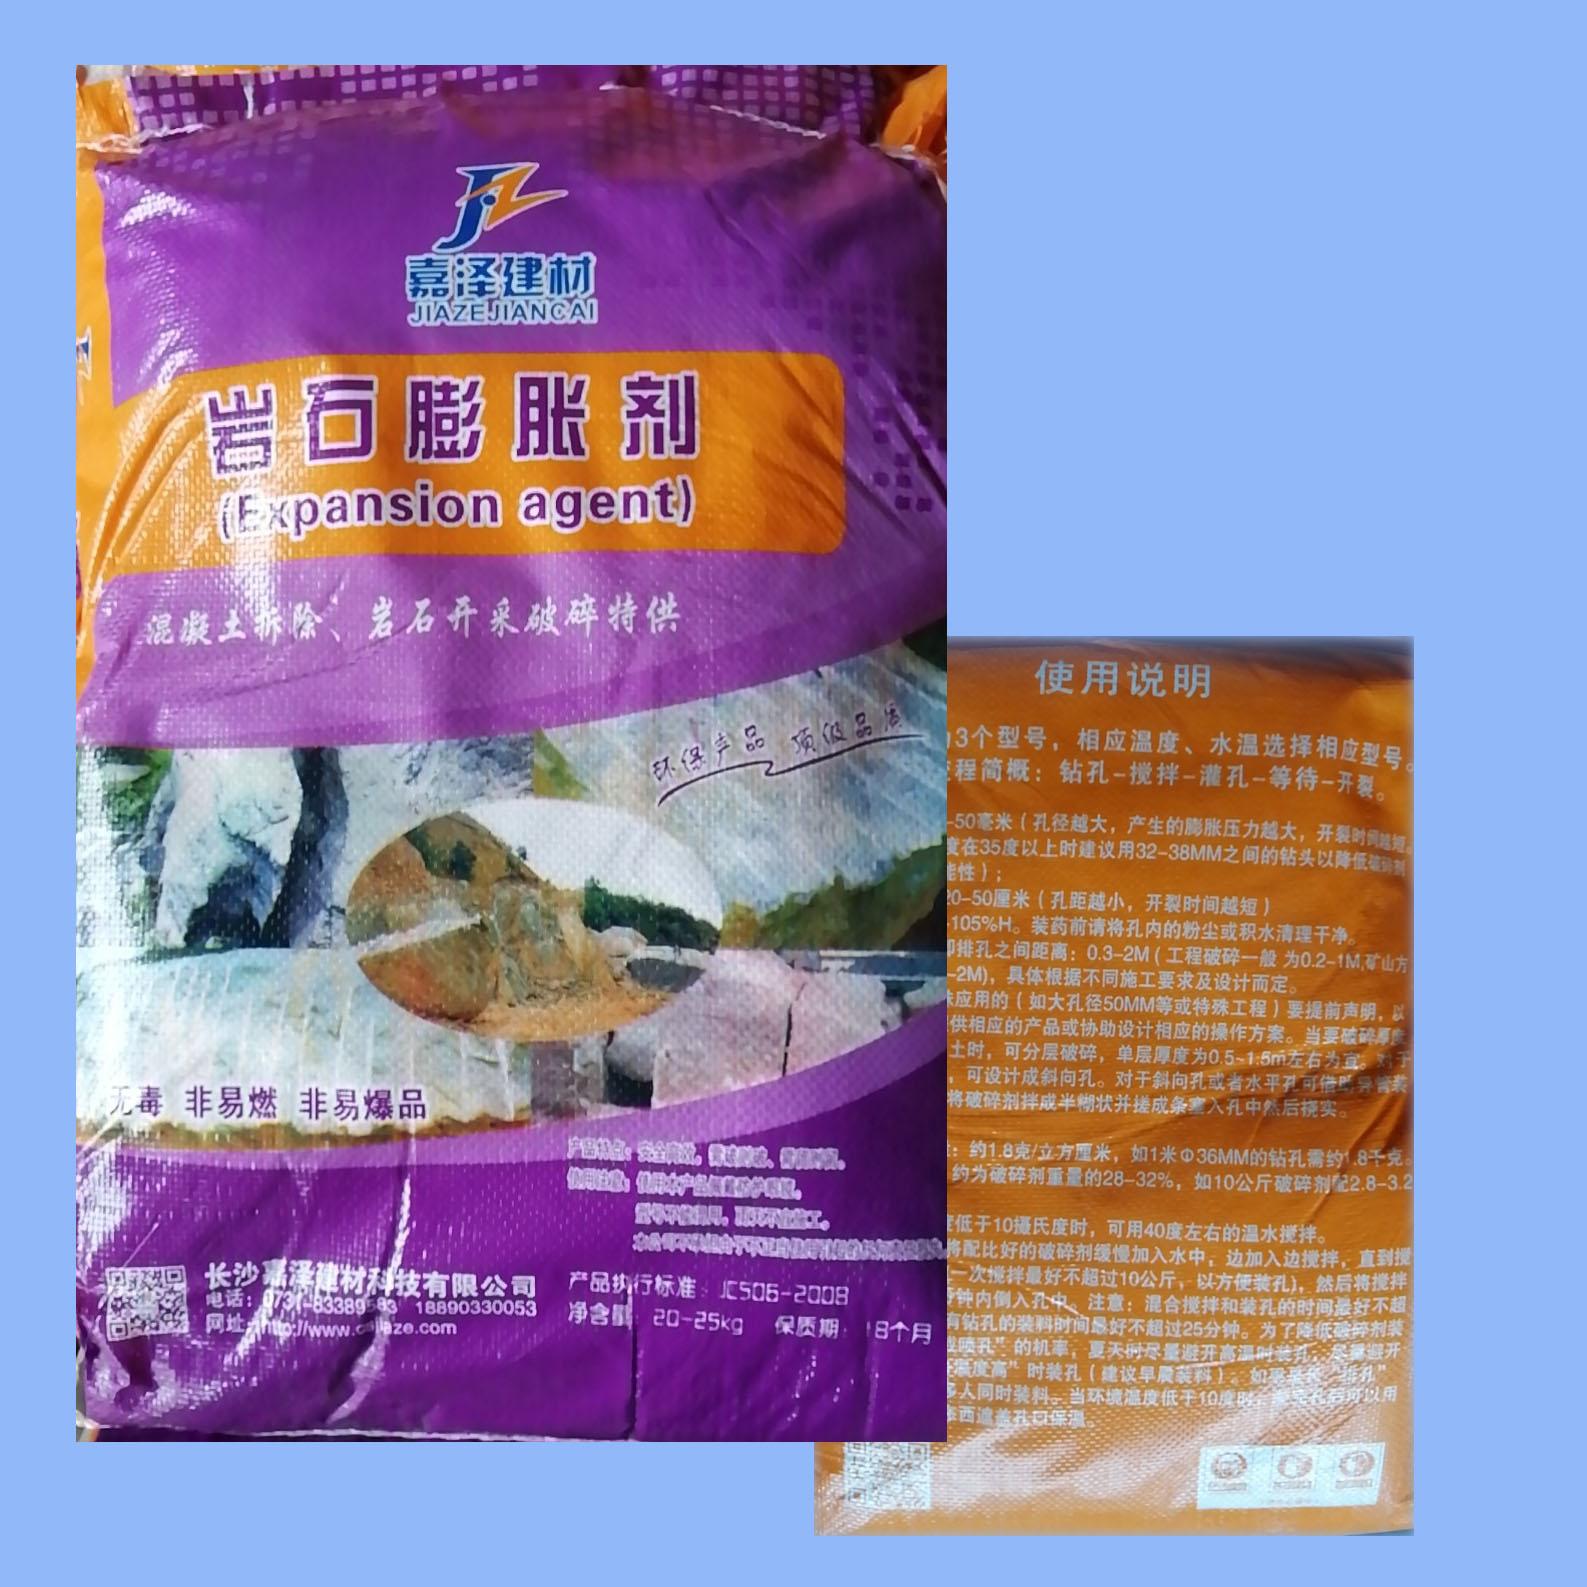 無聲膨脹劑三層覆膜彩色編織袋